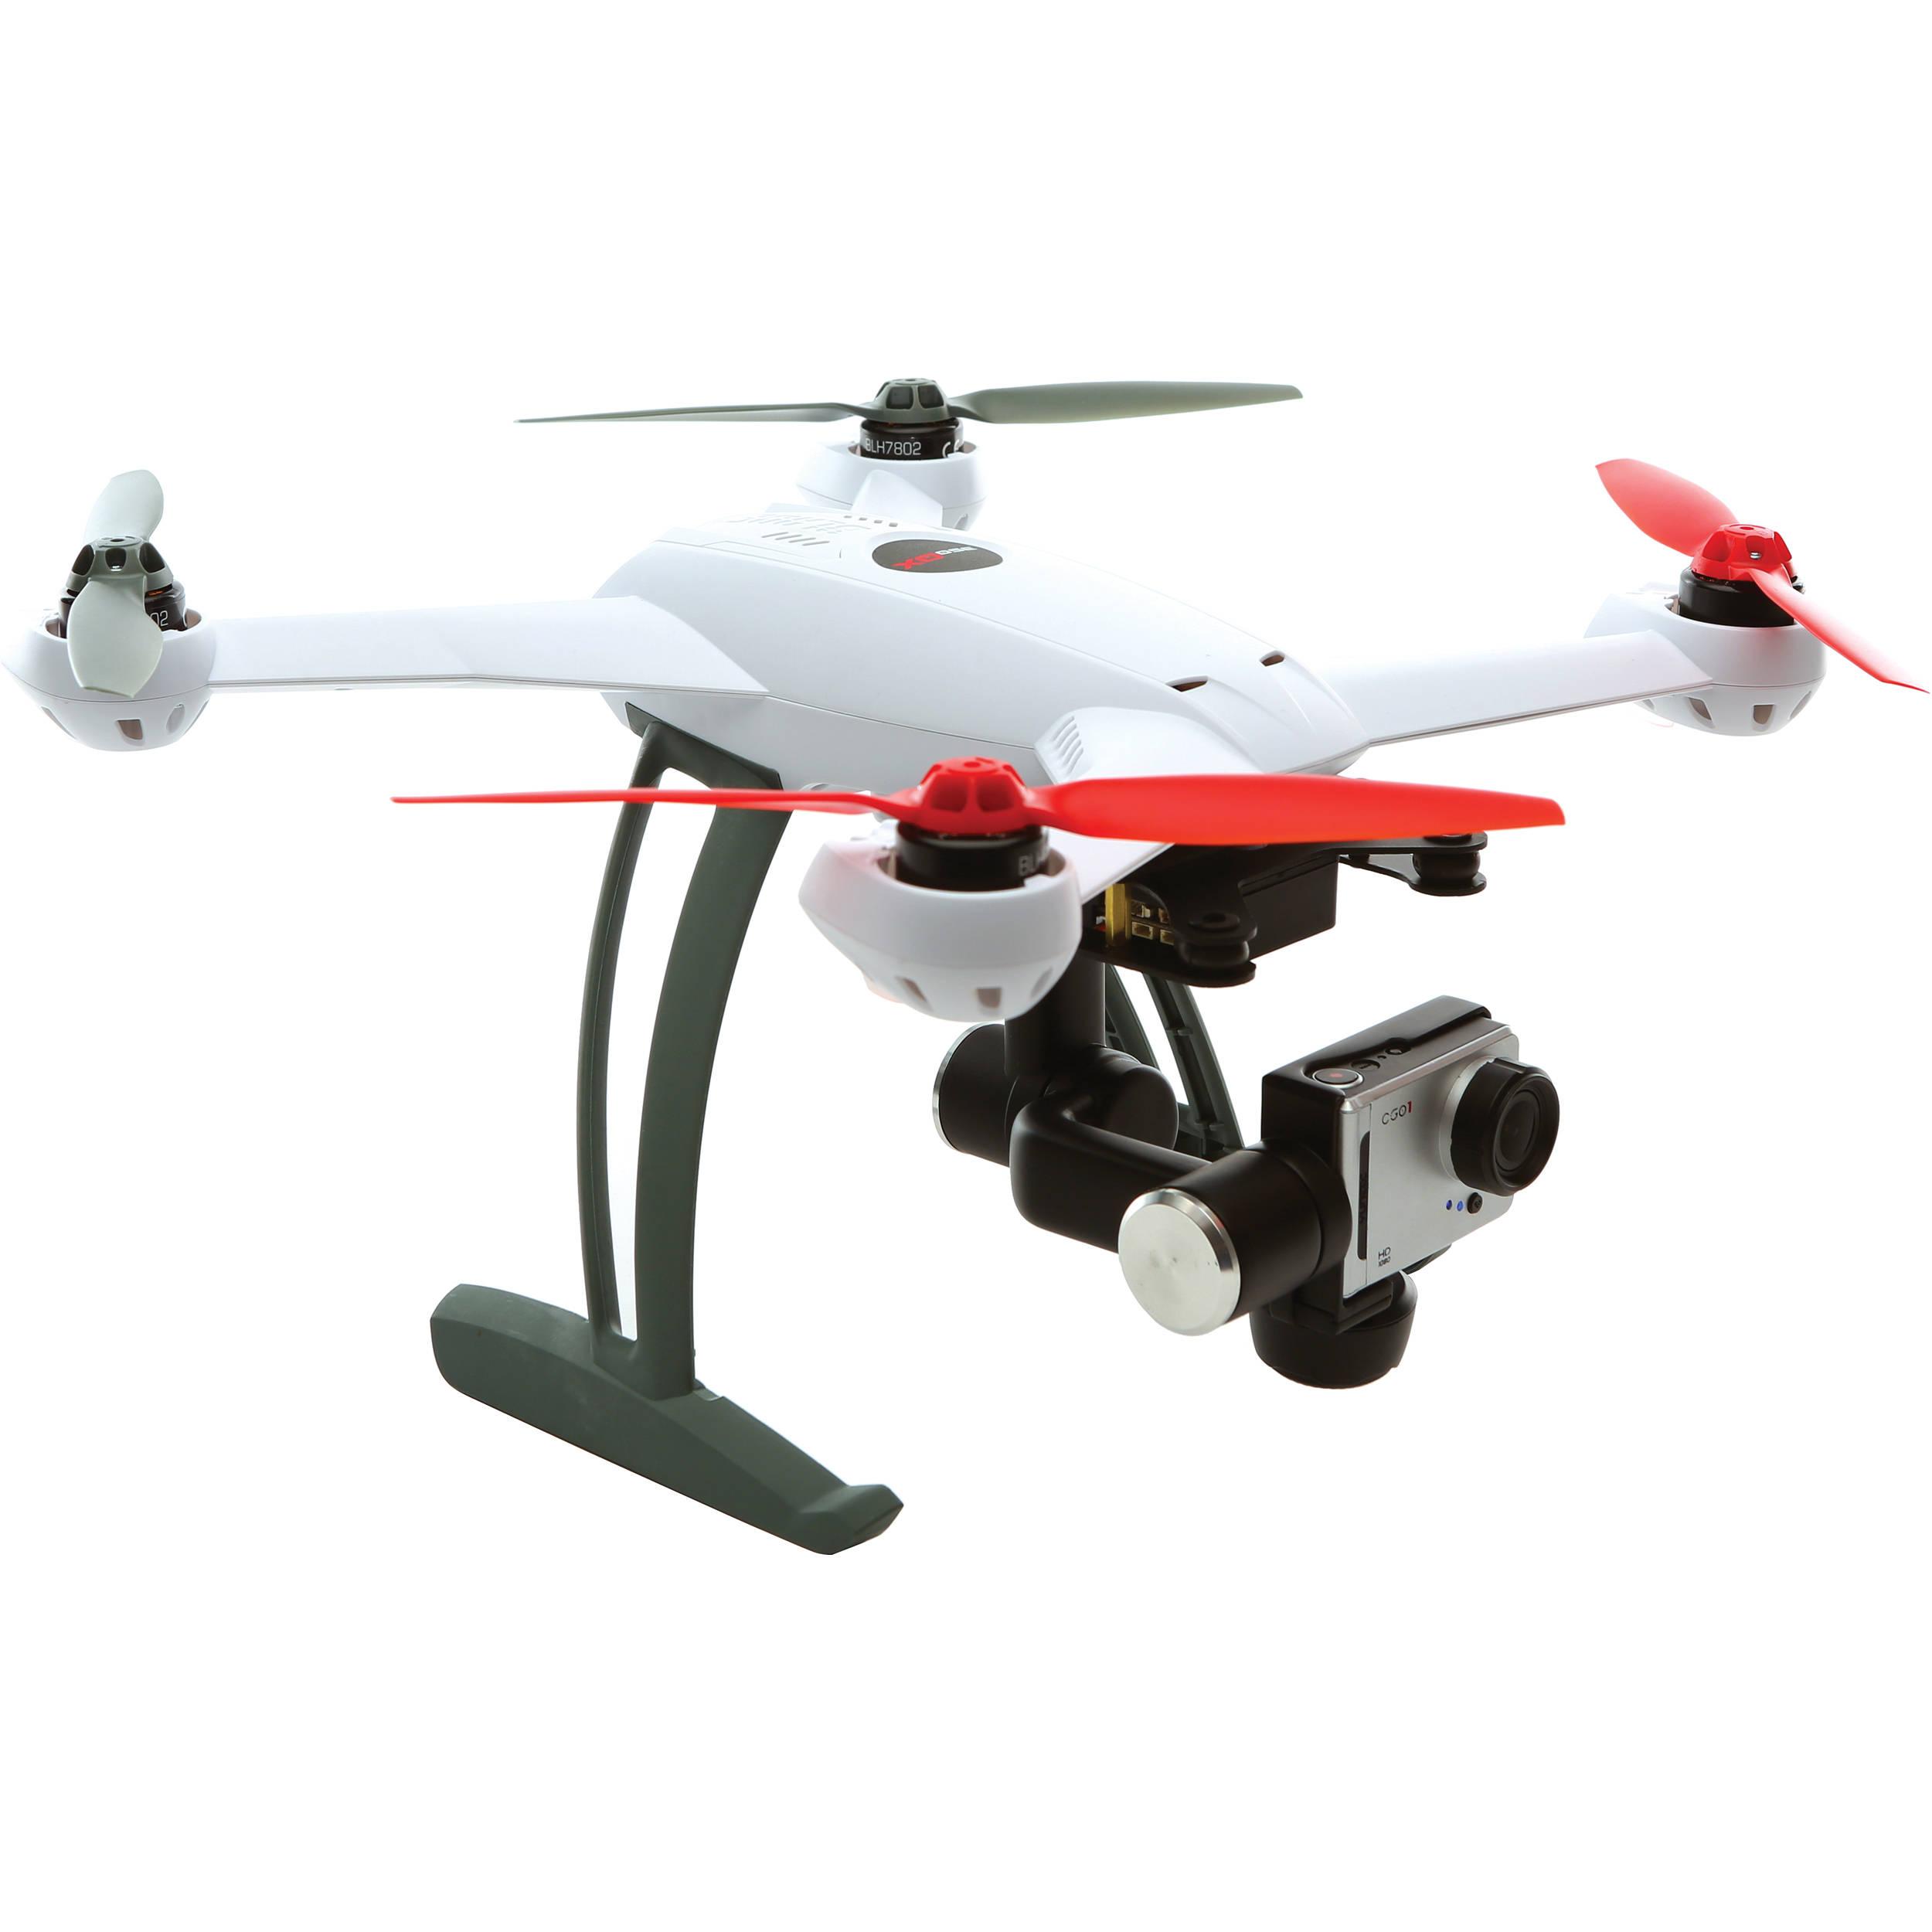 BLADE 350 QX2 RTF Quadcopter with 1080p Camera